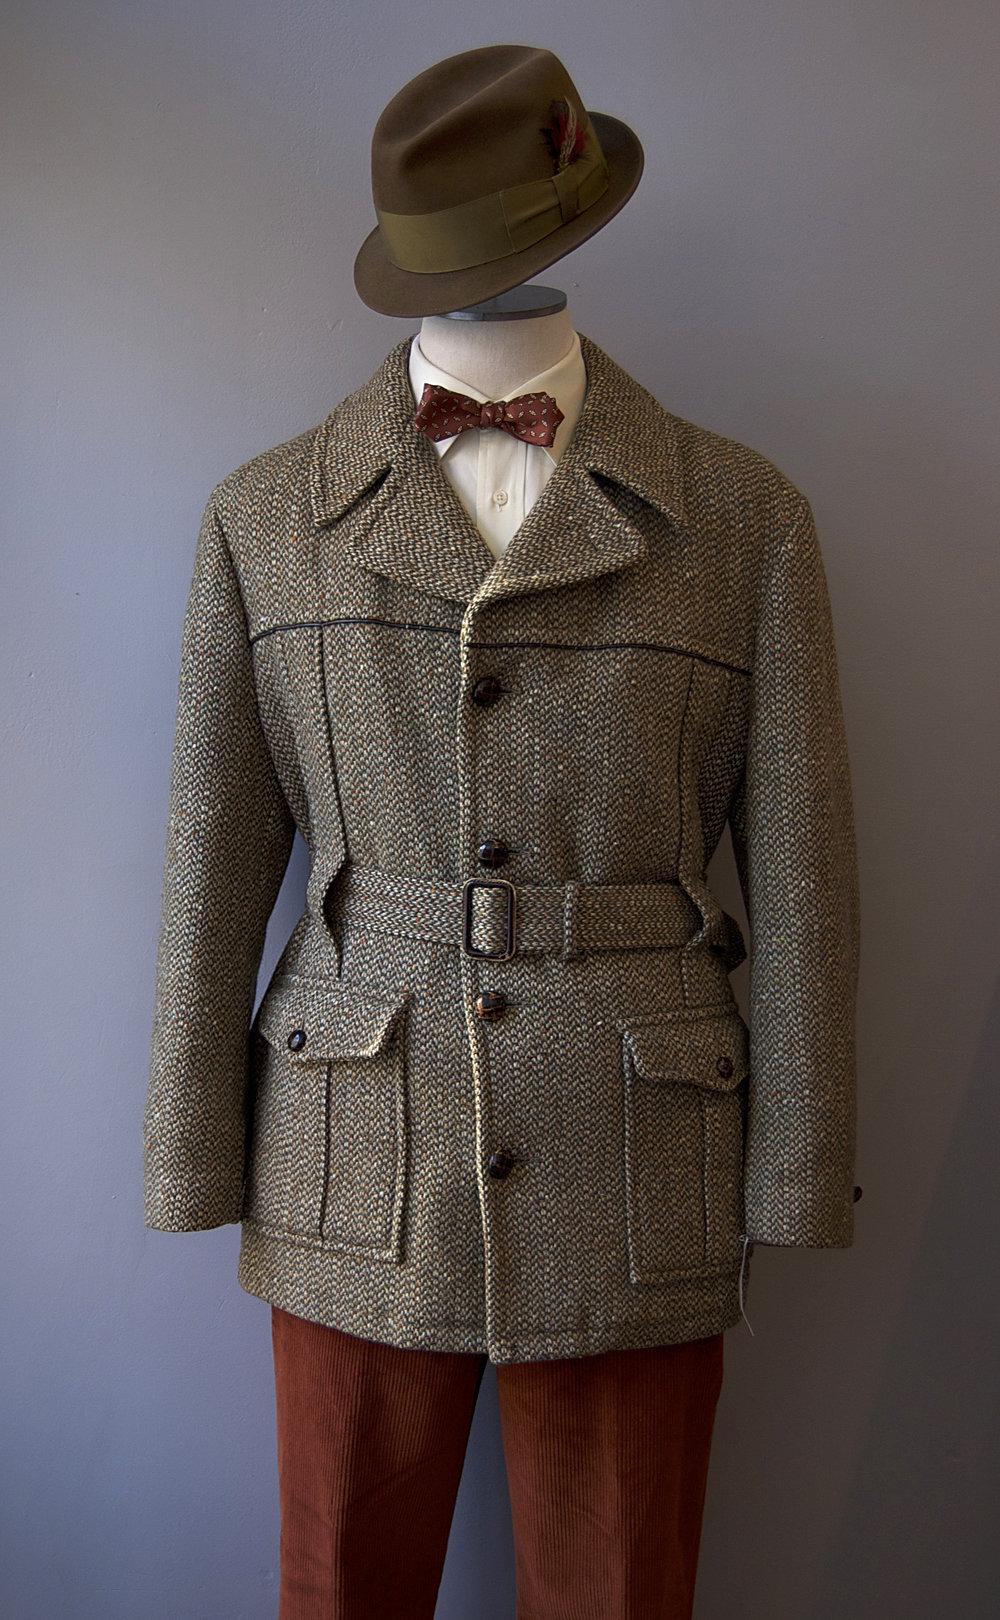 tweedcoat.jpg